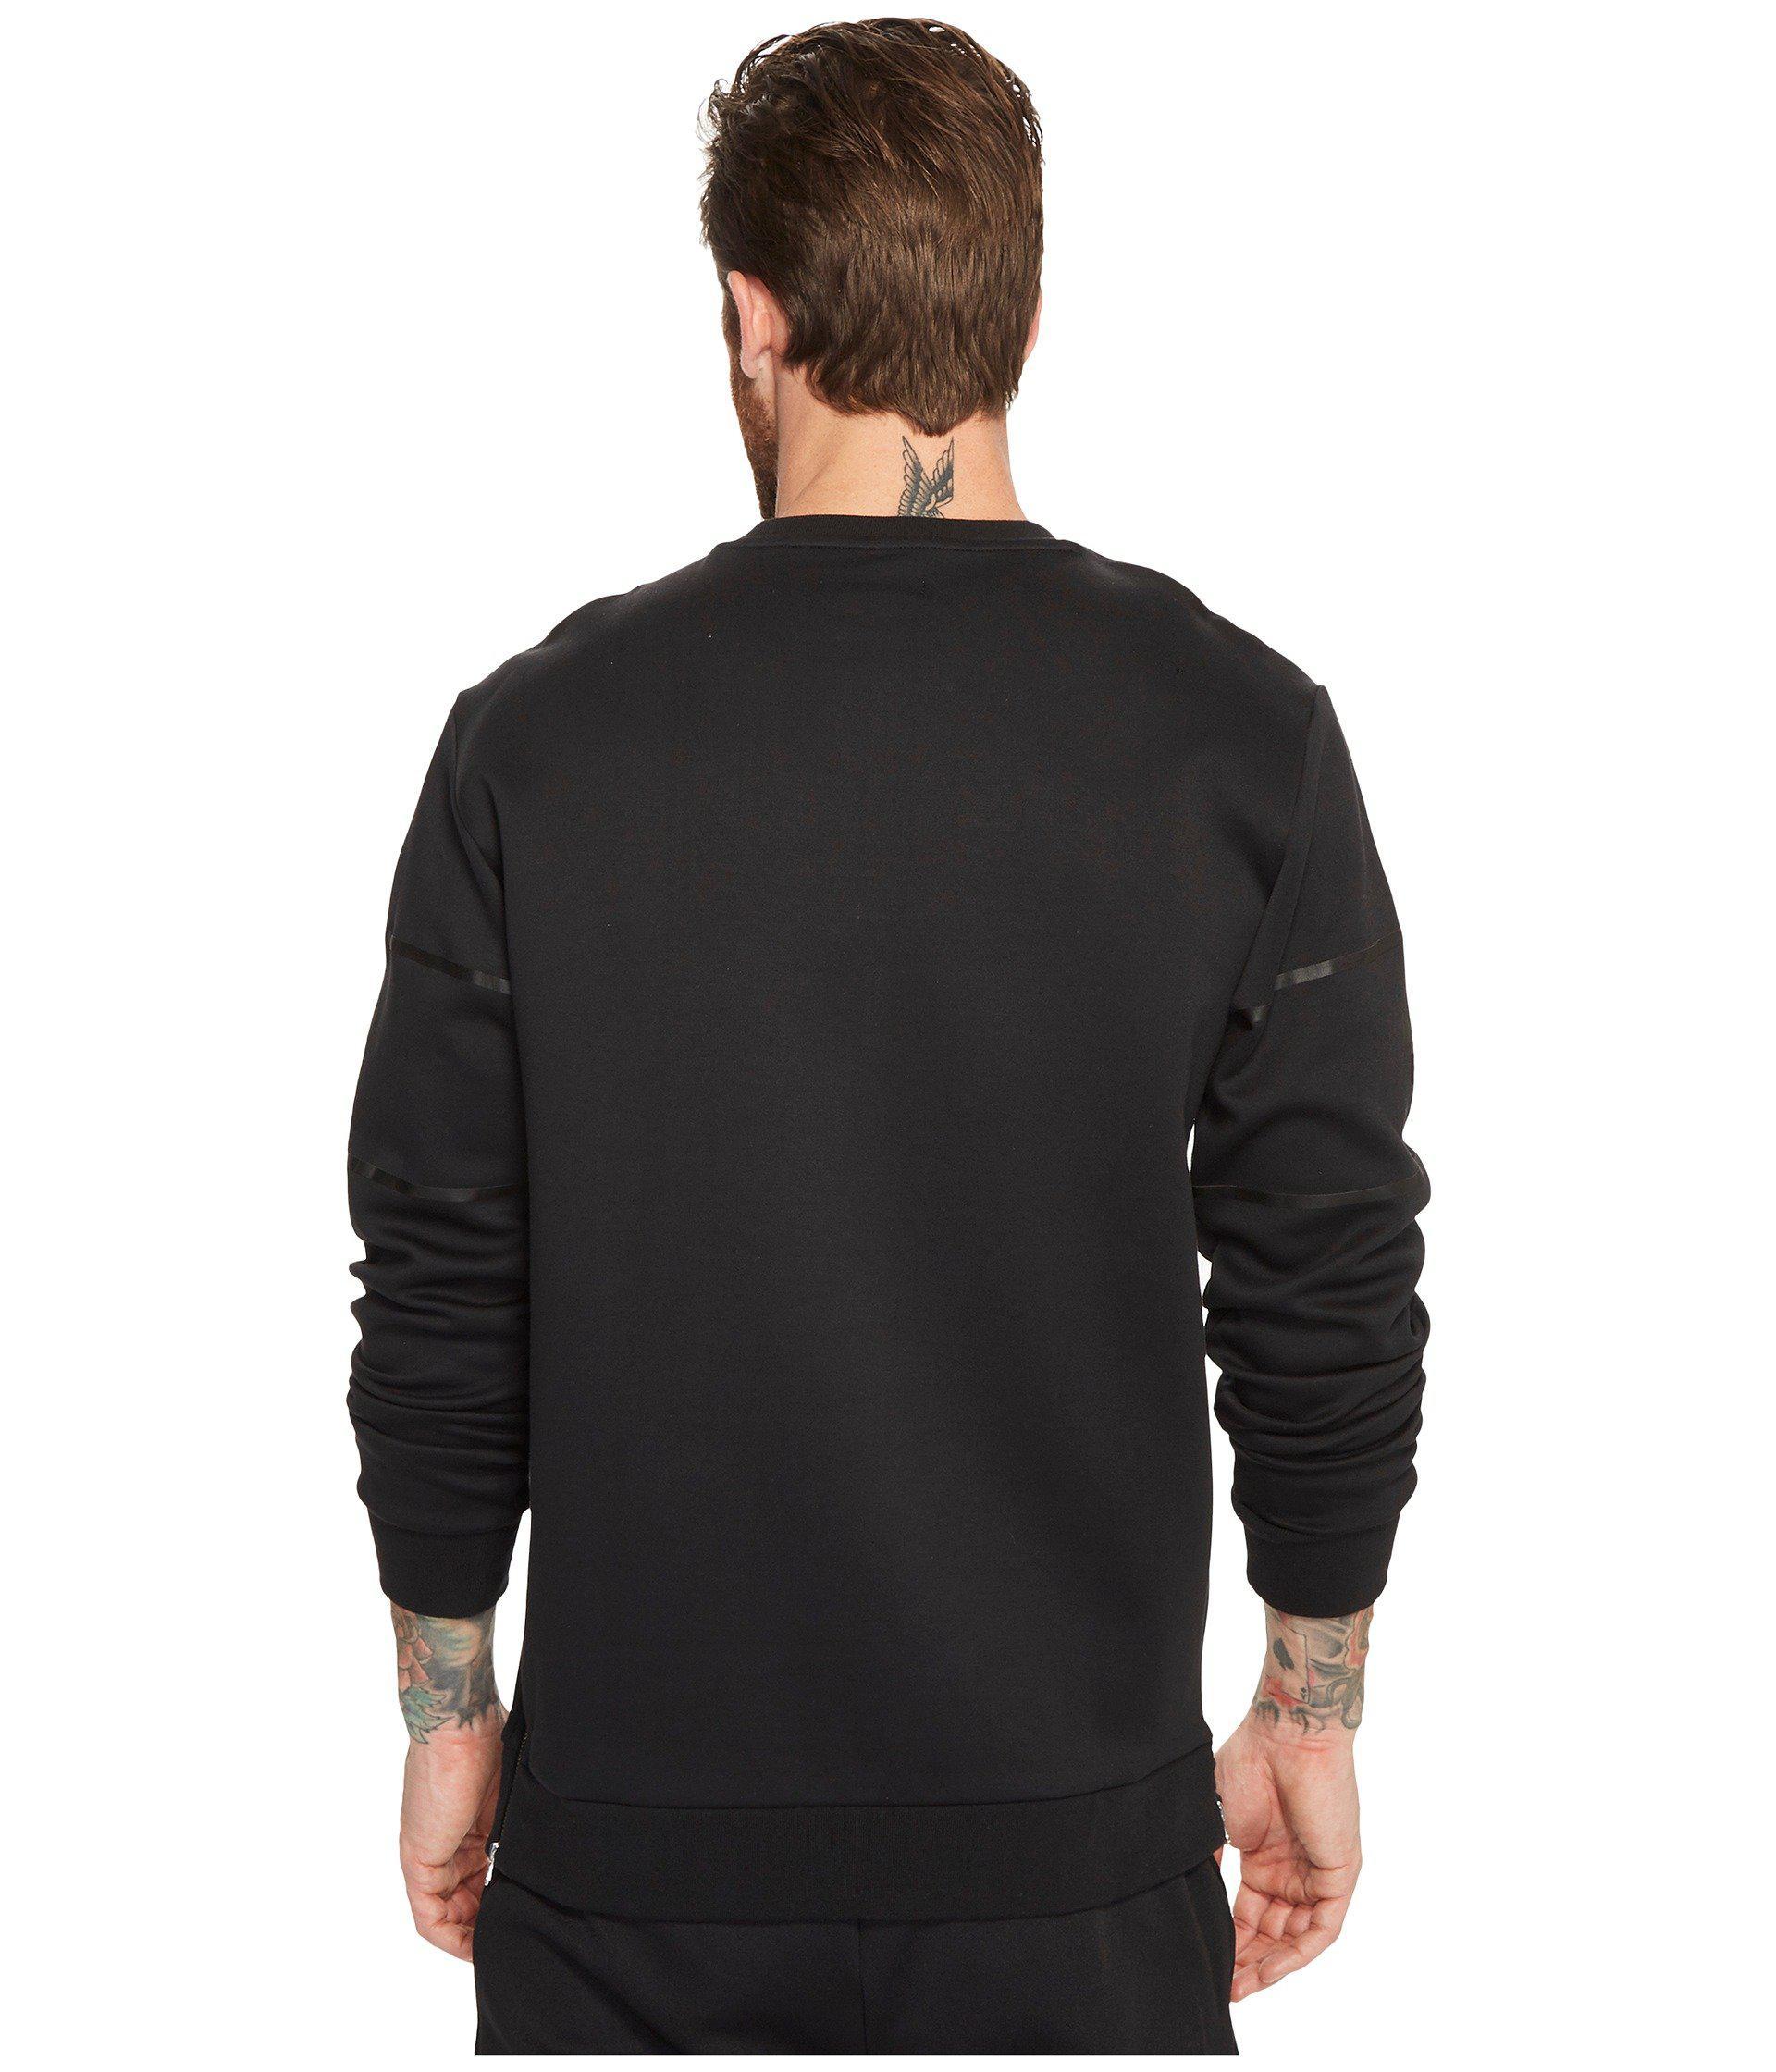 D Adidas Black For Winter Men Originals Crew JKlcF1